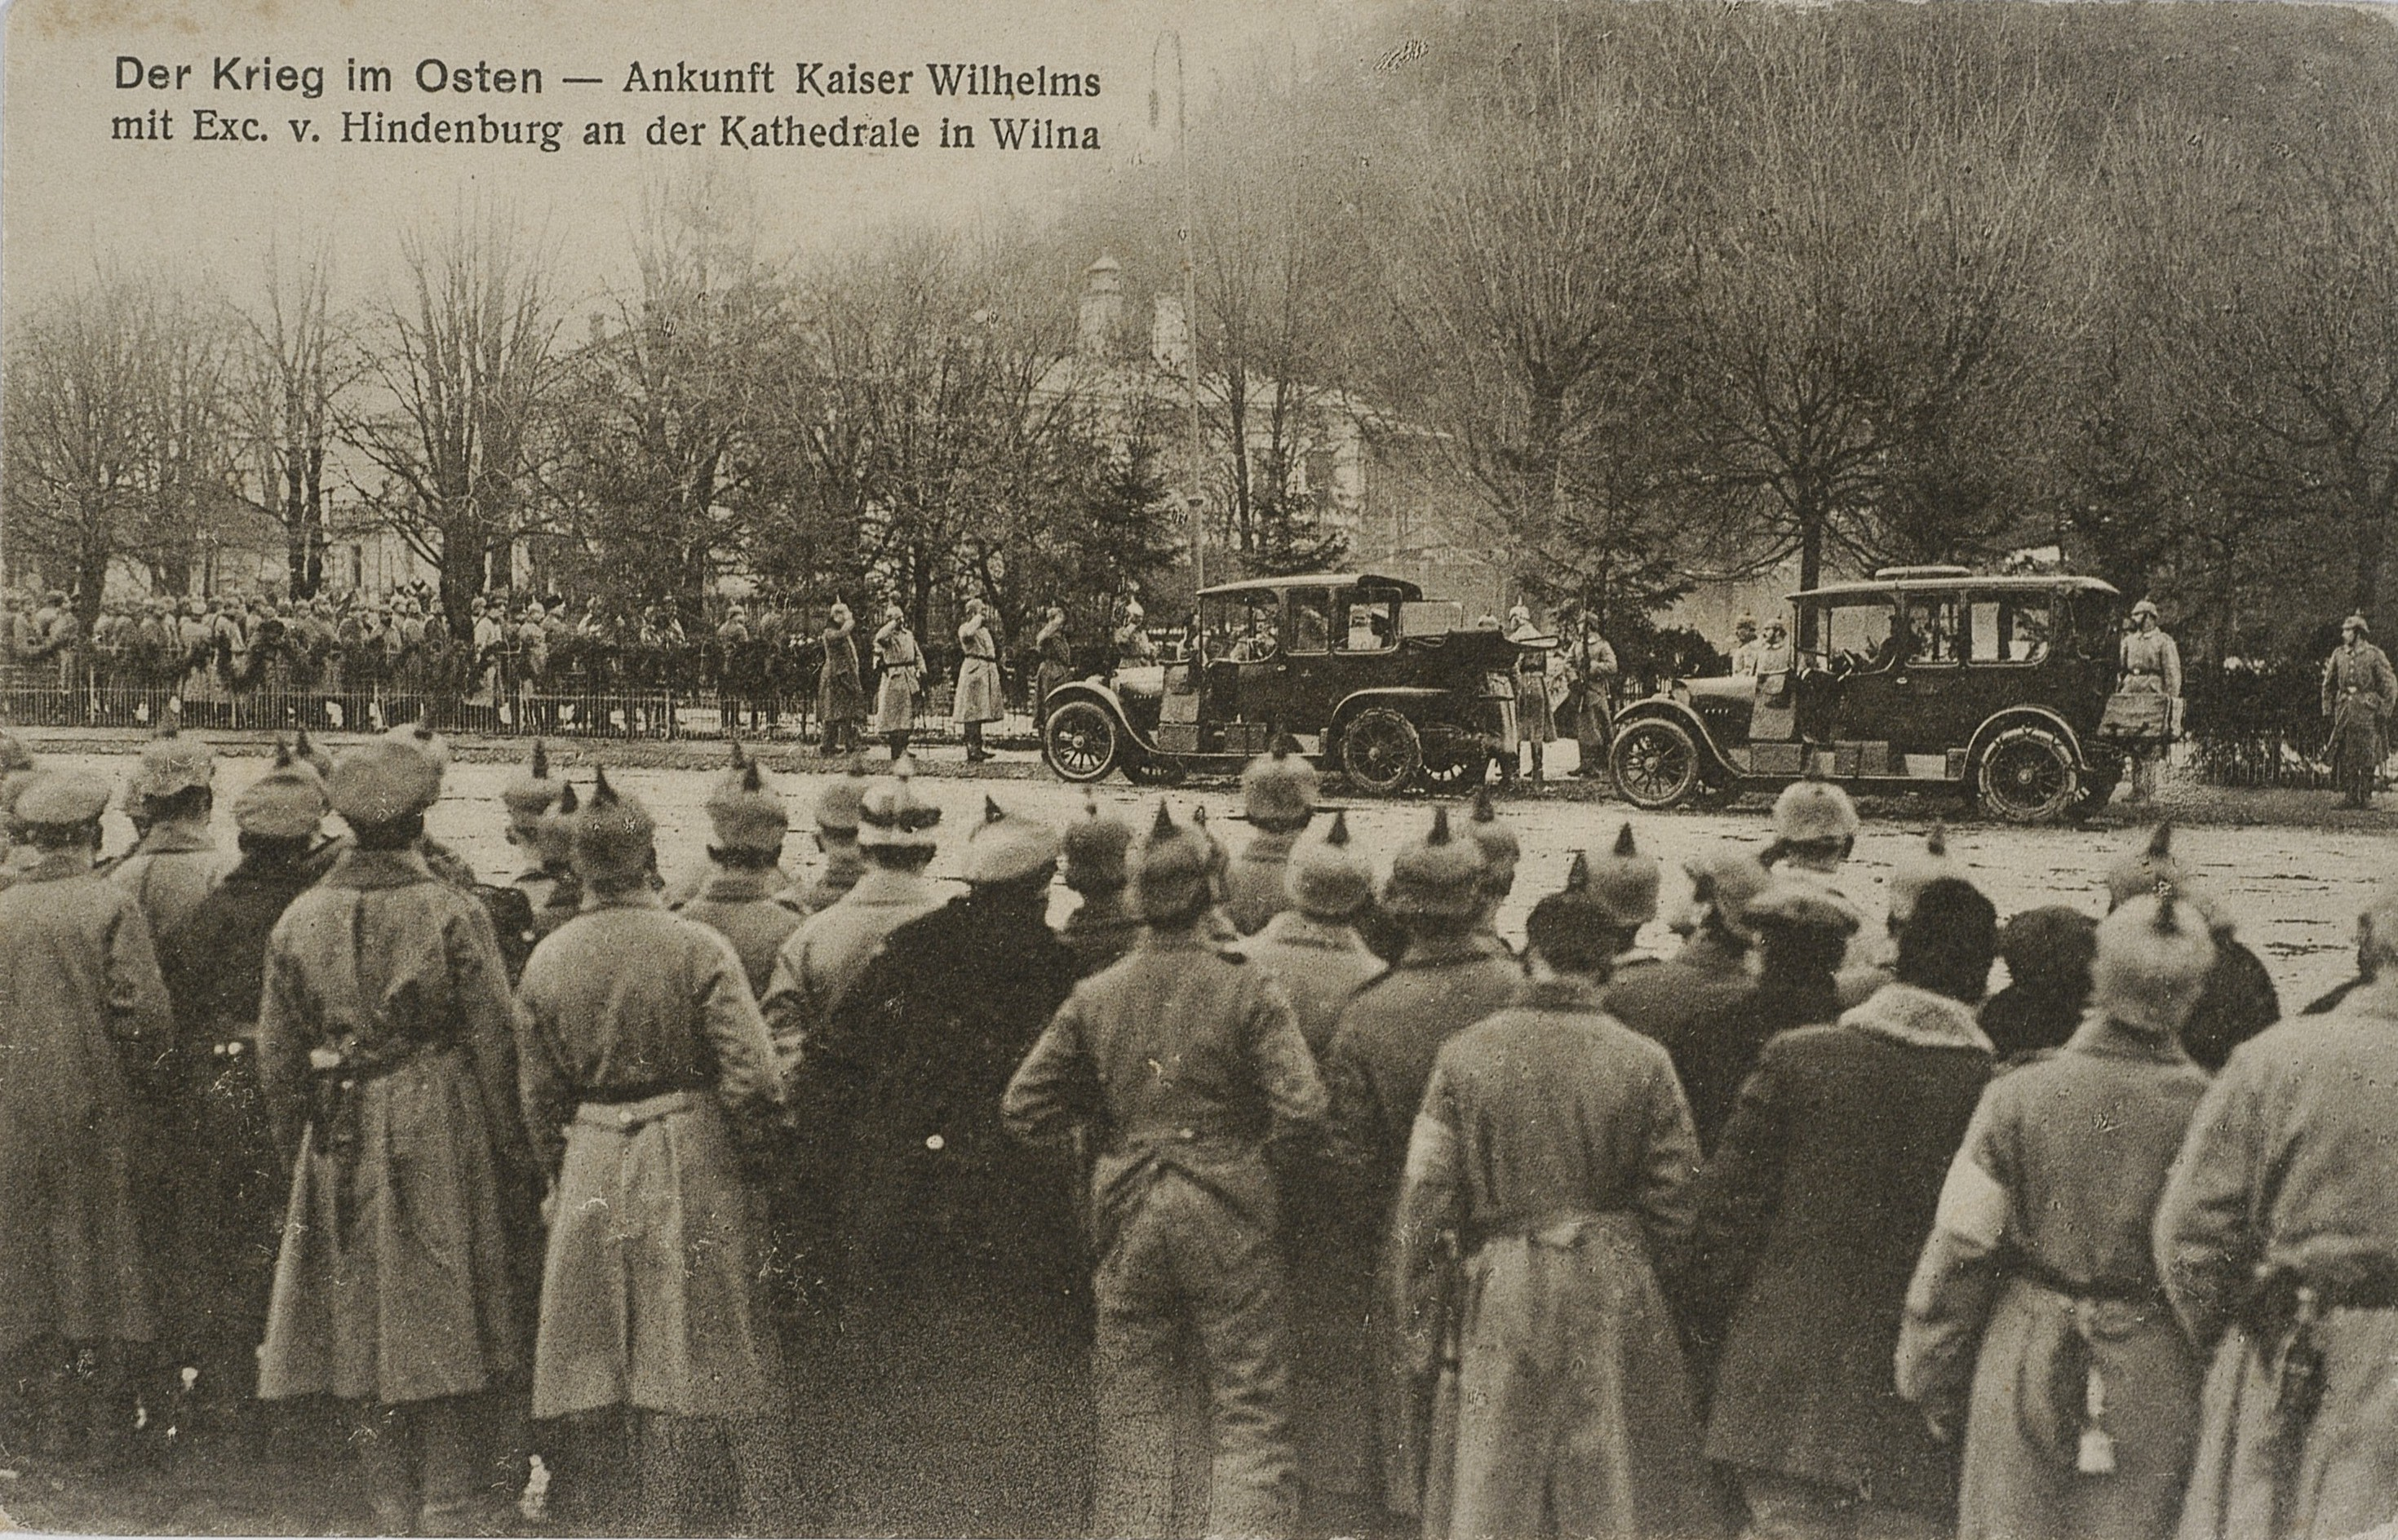 Посещение кайзером Вильгельмом и фельдмаршалом Гинденбургом собора в Вильнюсе. 1916